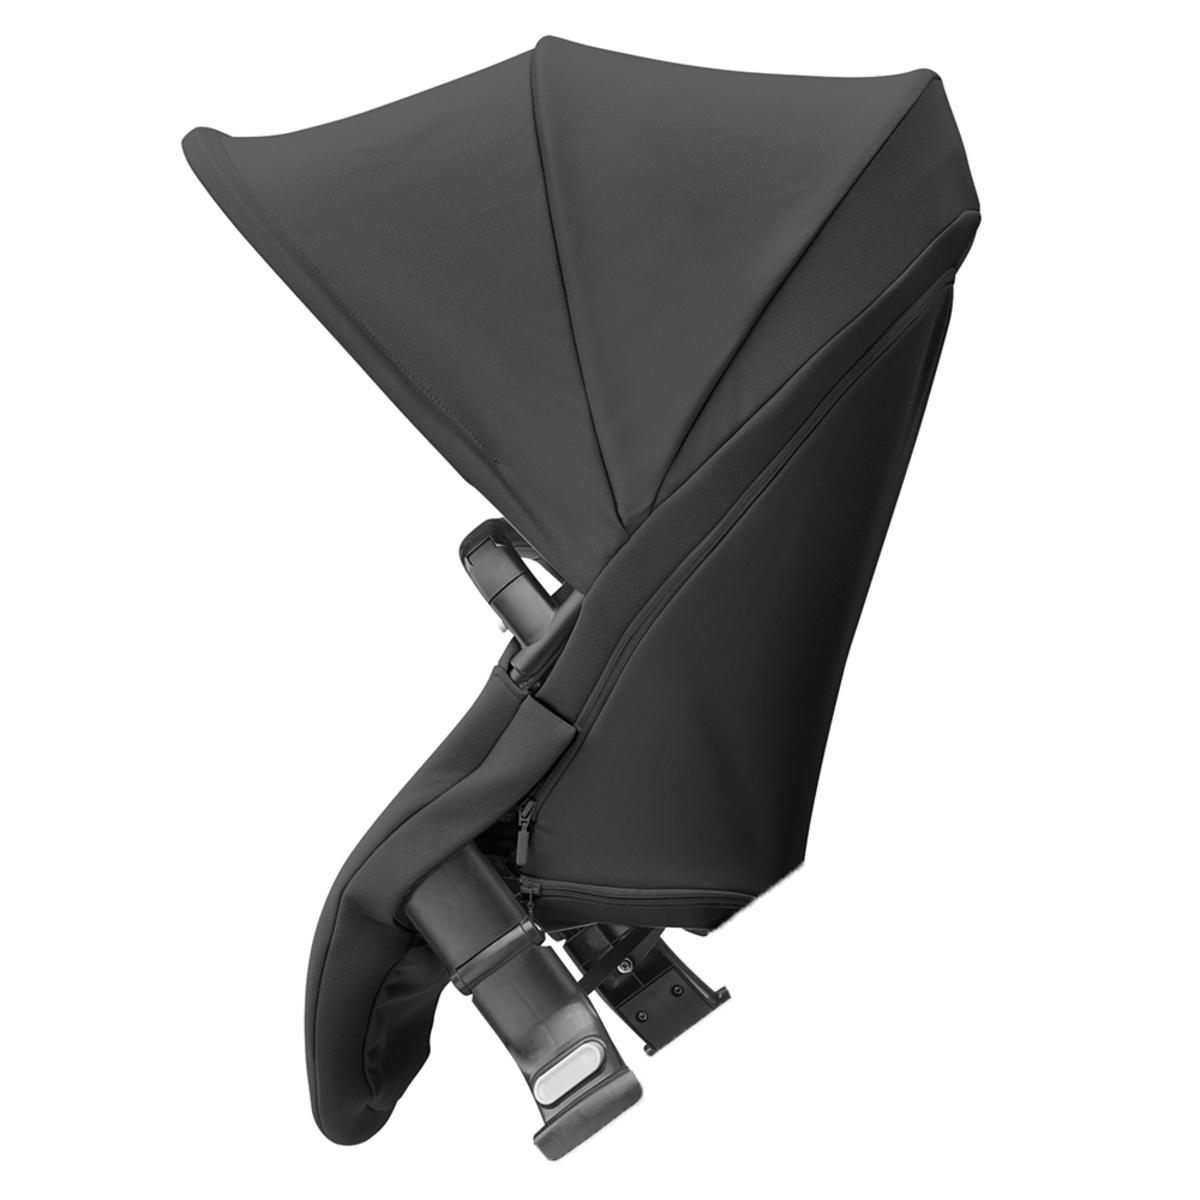 Accessoires poussette Kit Duo Lila - Nomad Black Kit Duo Lila - Nomad Black